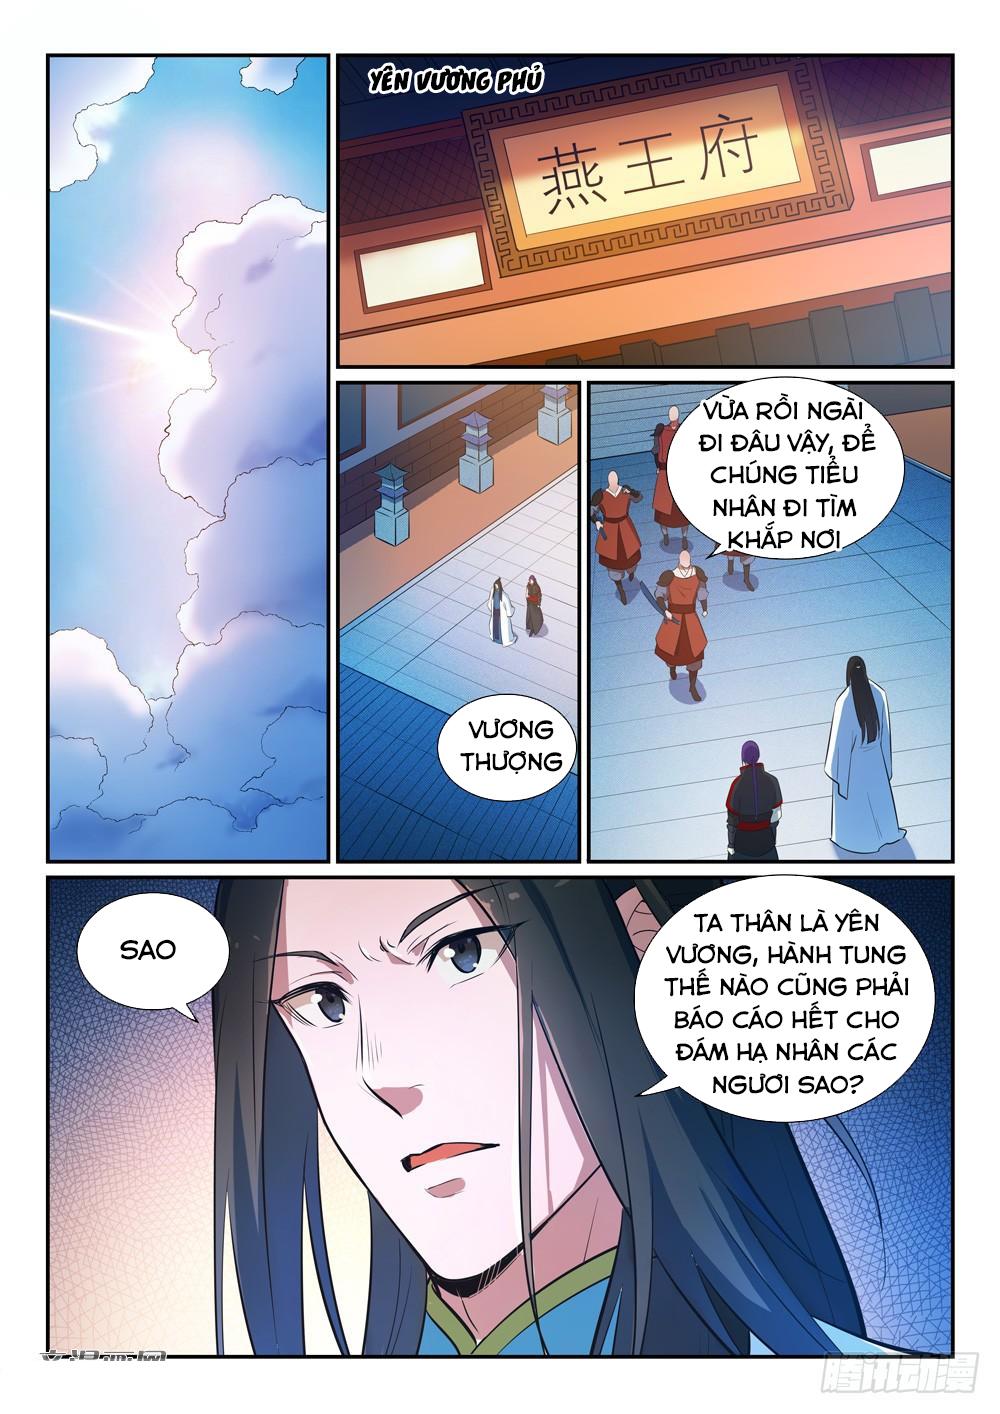 Bách Luyện Thành Thần Chap 371 Upload bởi Truyentranhmoi.net